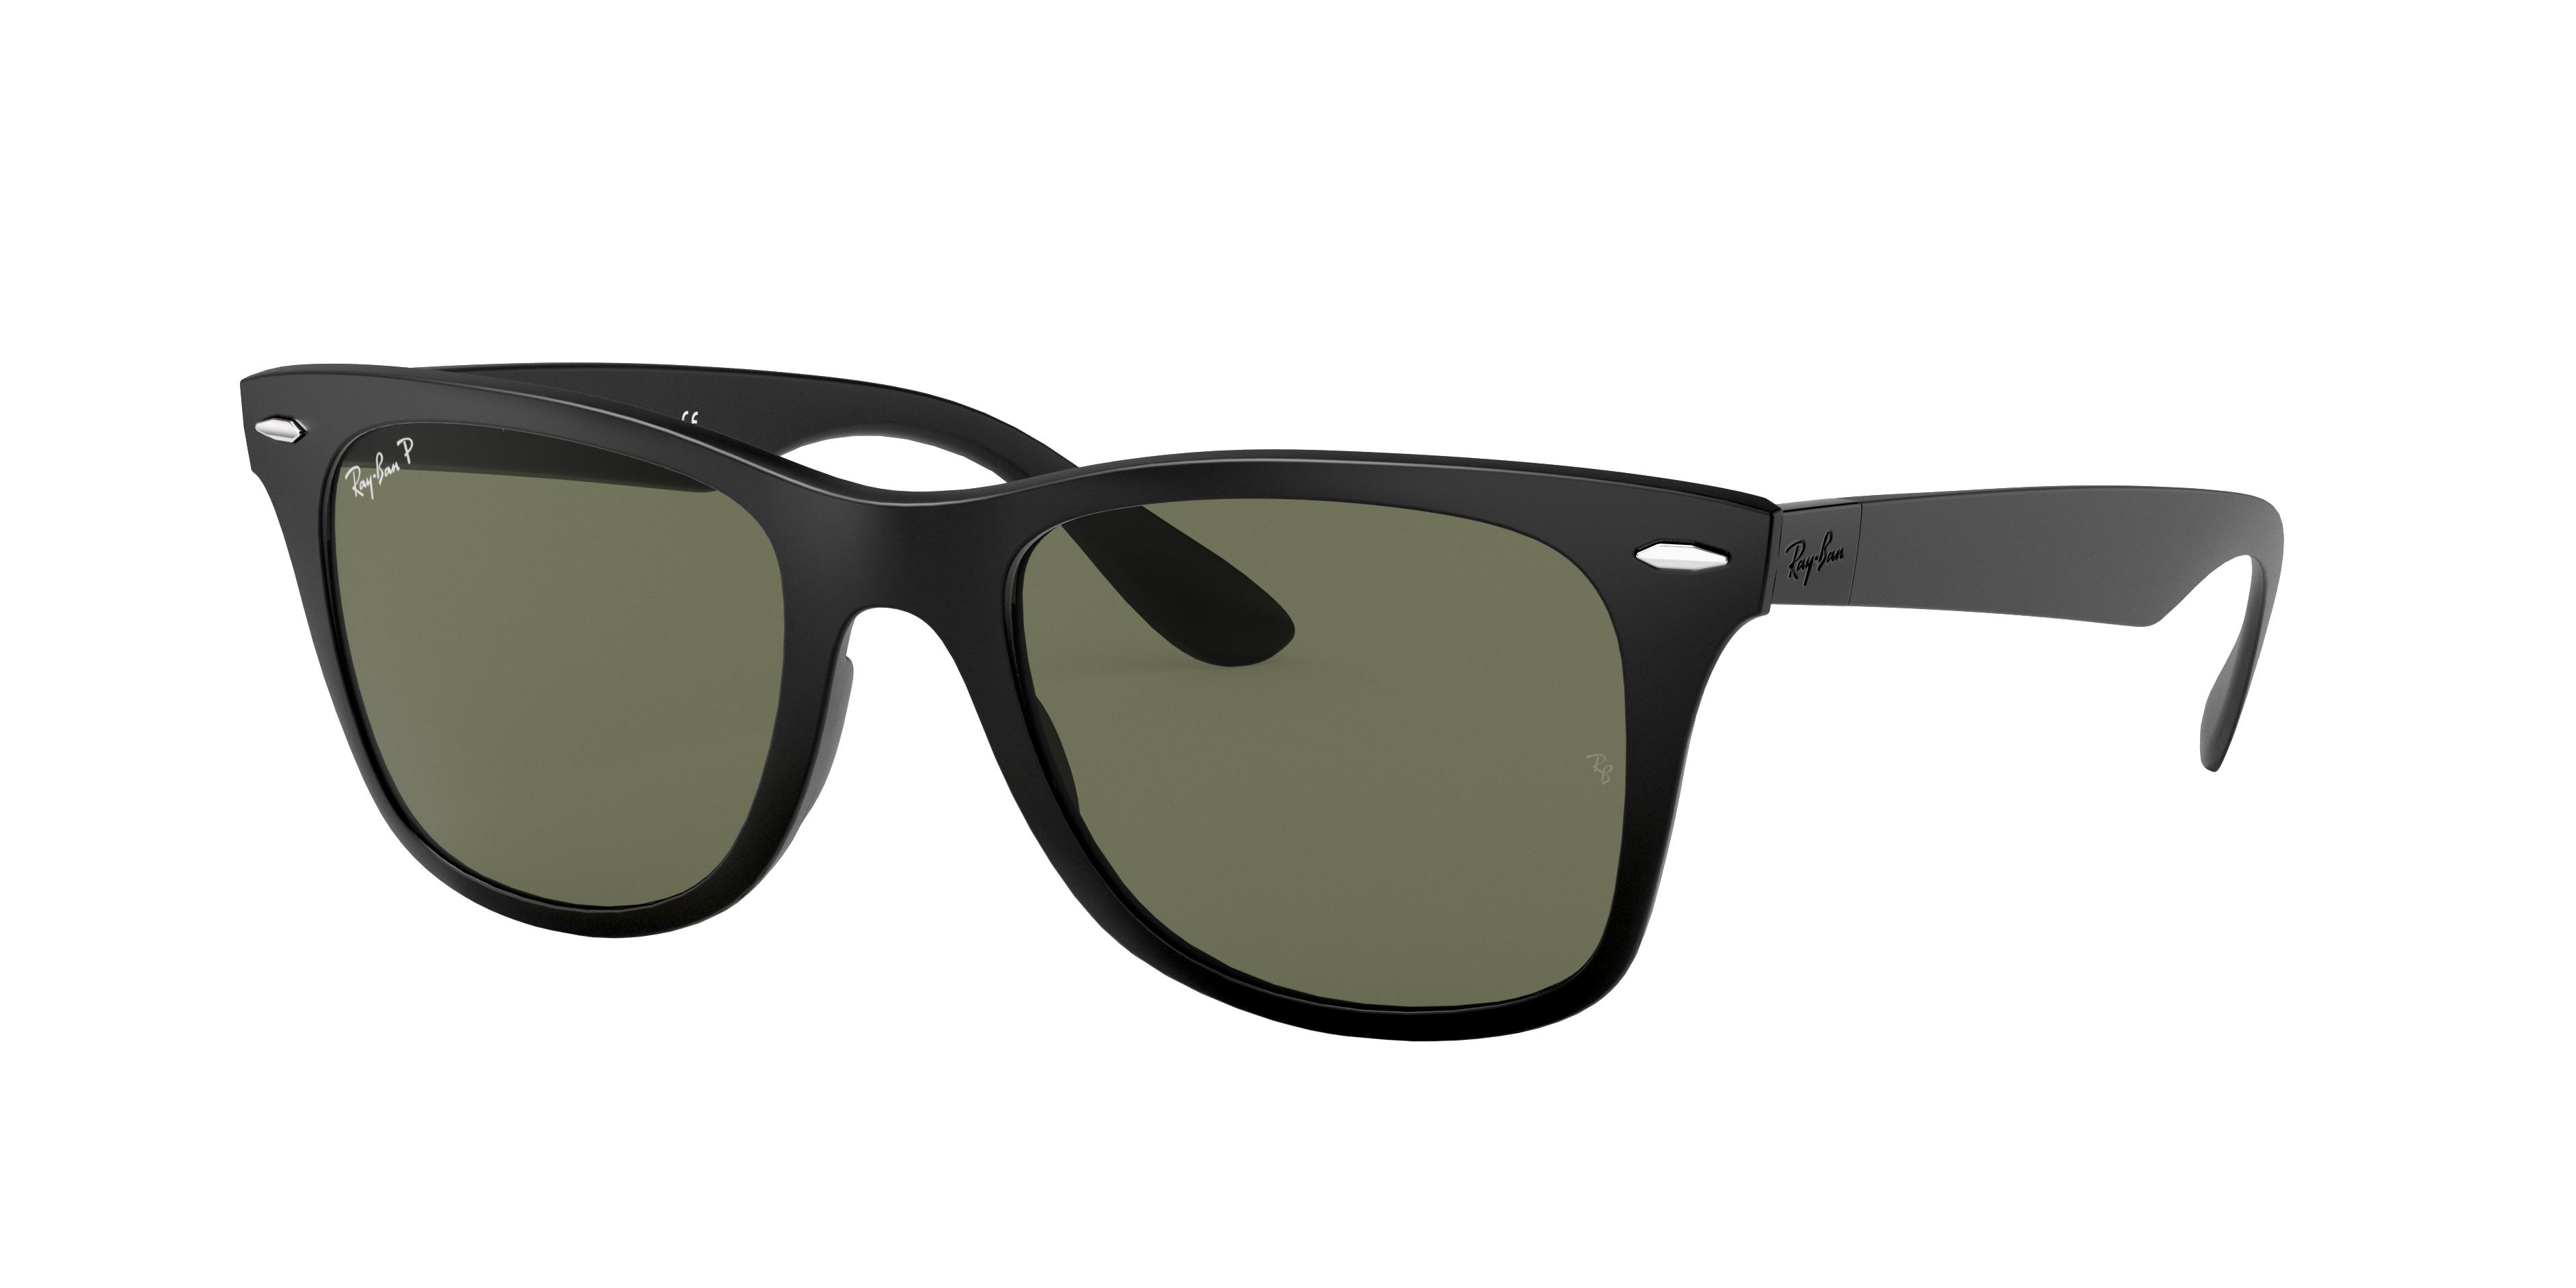 Ray-Ban Wayfarer Liteforce Low Bridge Fit Black, Polarized Green Lenses - RB4195F